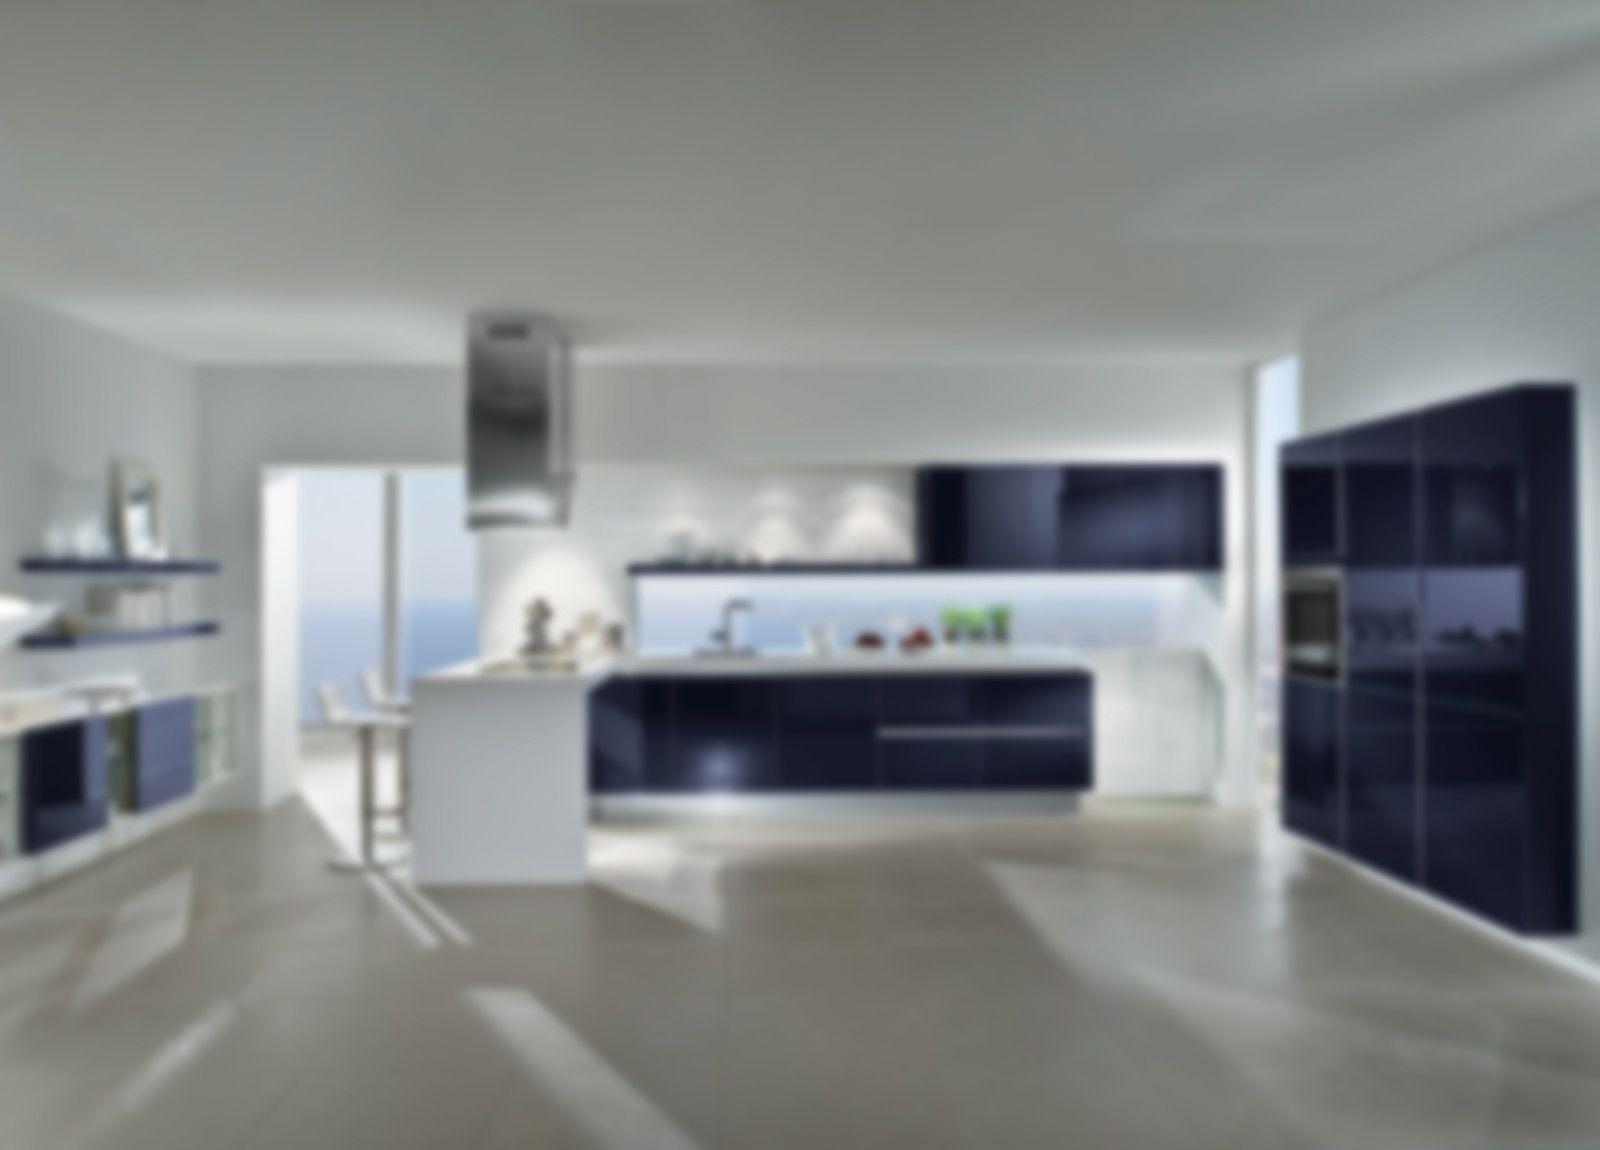 Voortman Keukens Apeldoorn : M5090gl u20ac8229 voortman keukens apeldoorn ::: sprokkelhout